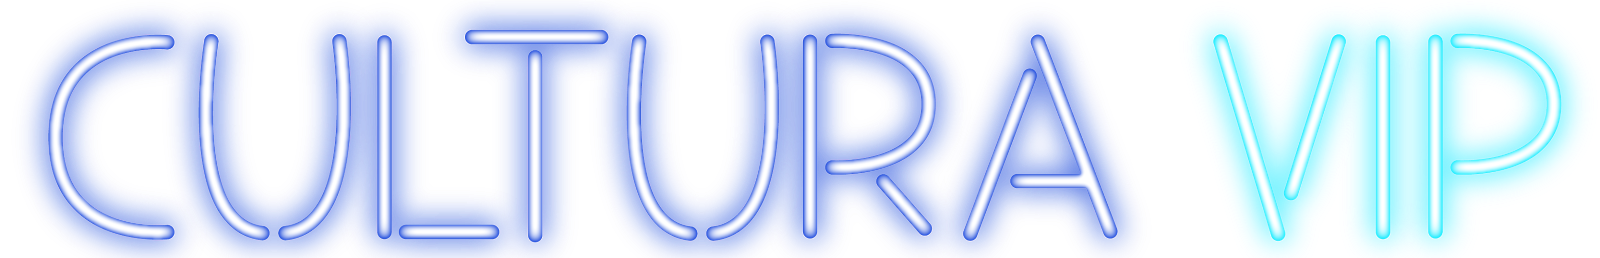 Cultura VIP